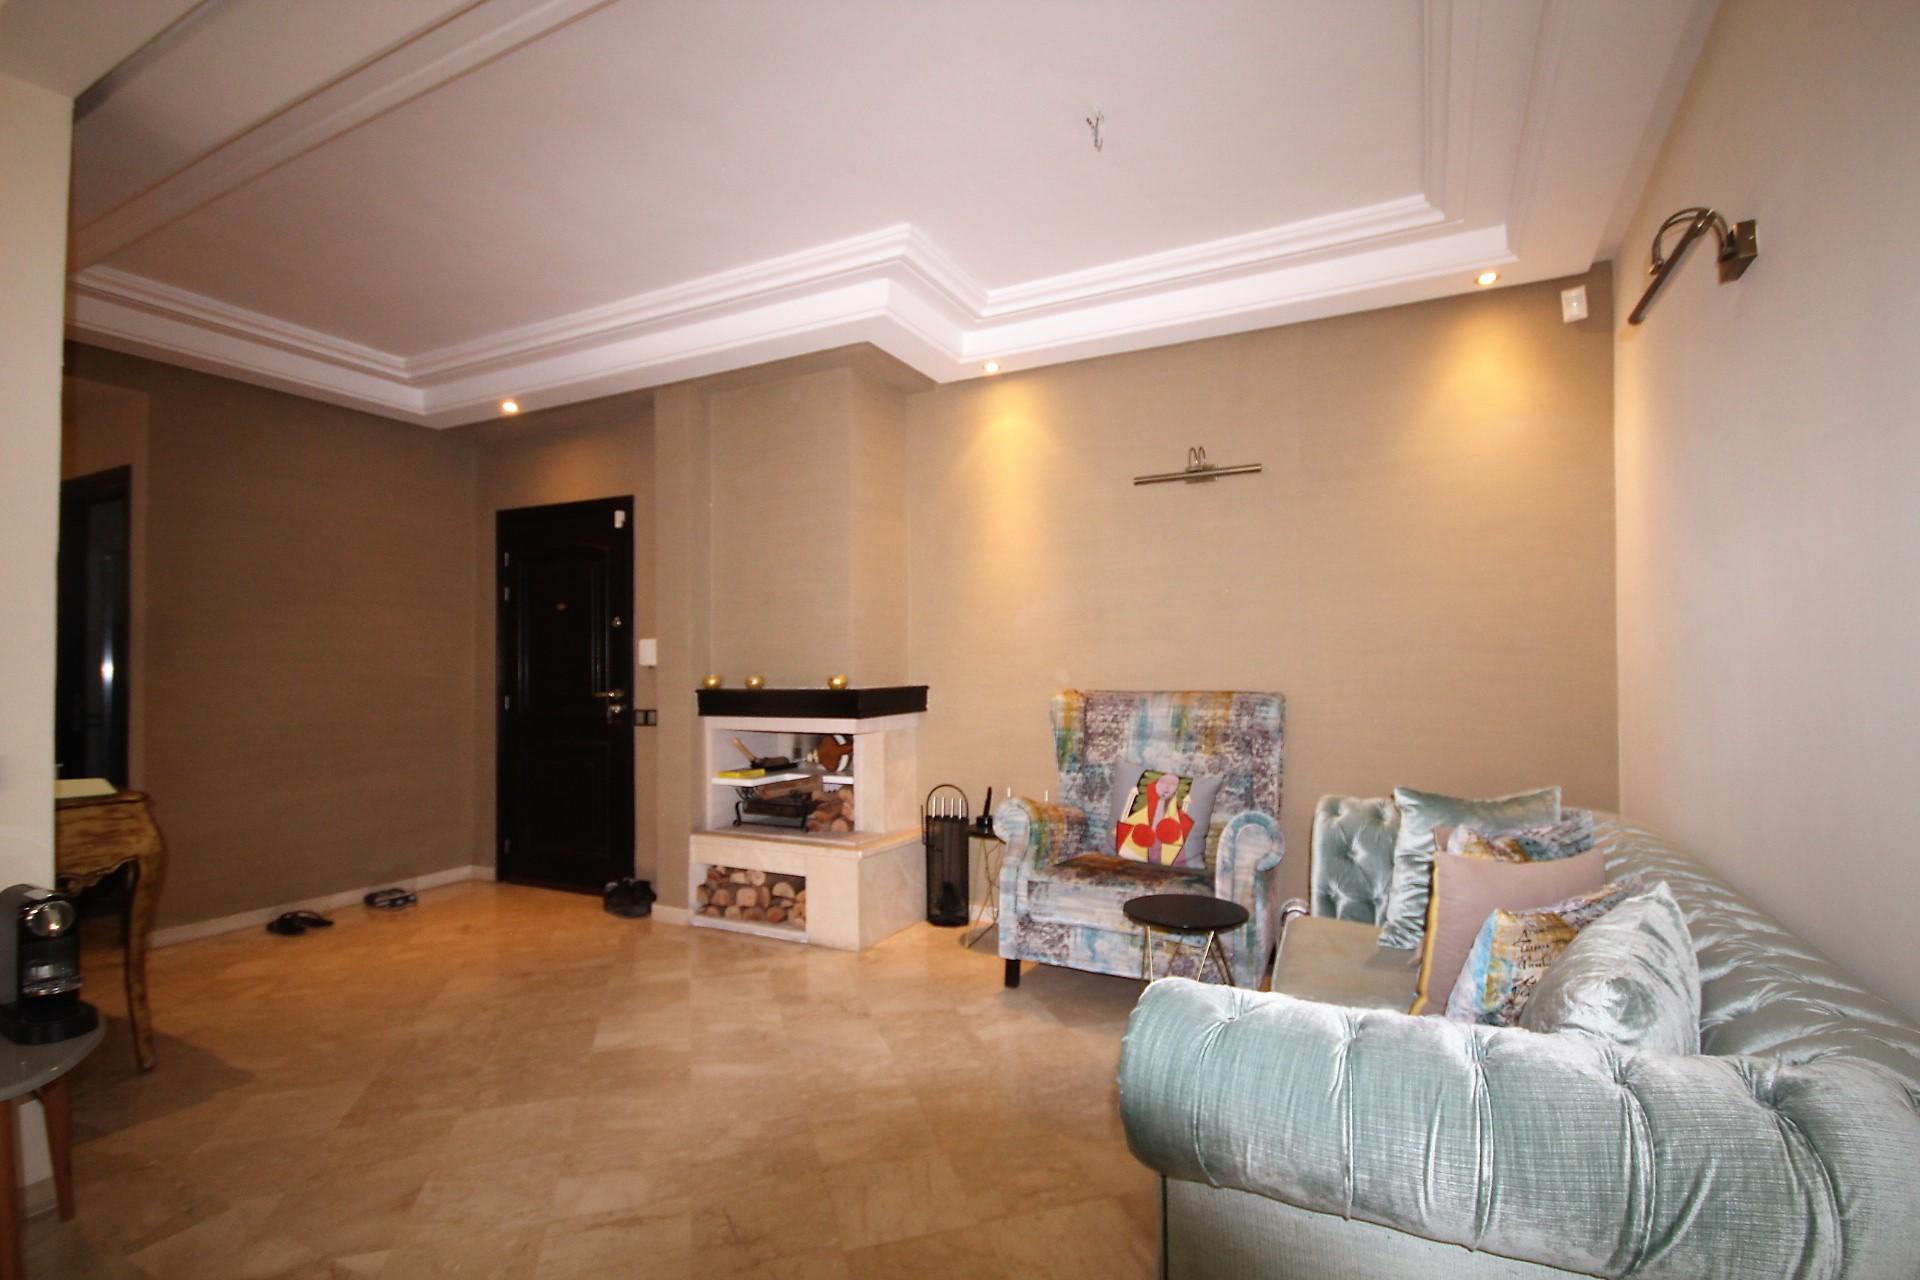 Casablanca, secteur Abdelmoumen, vend superbe appartement 92 m² proche du tram, 2 places parking